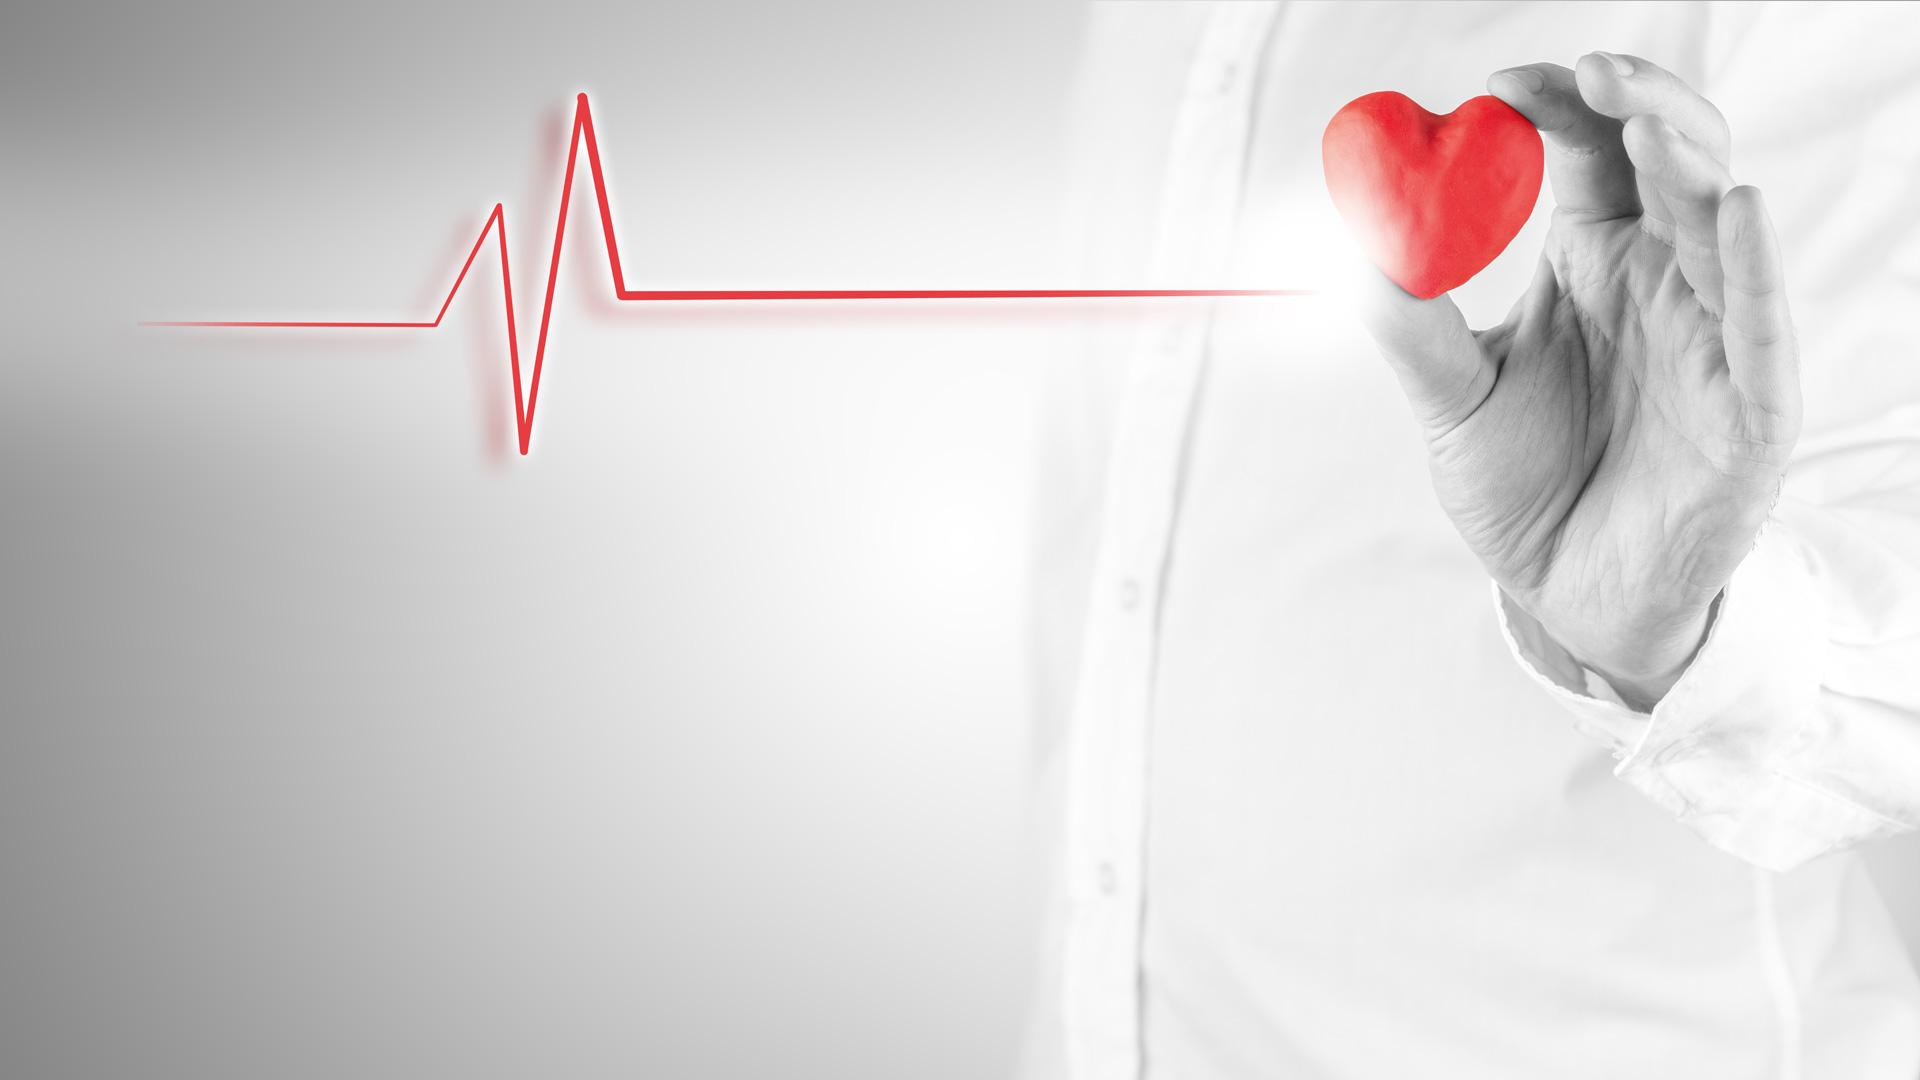 Kardiologia dziecięca